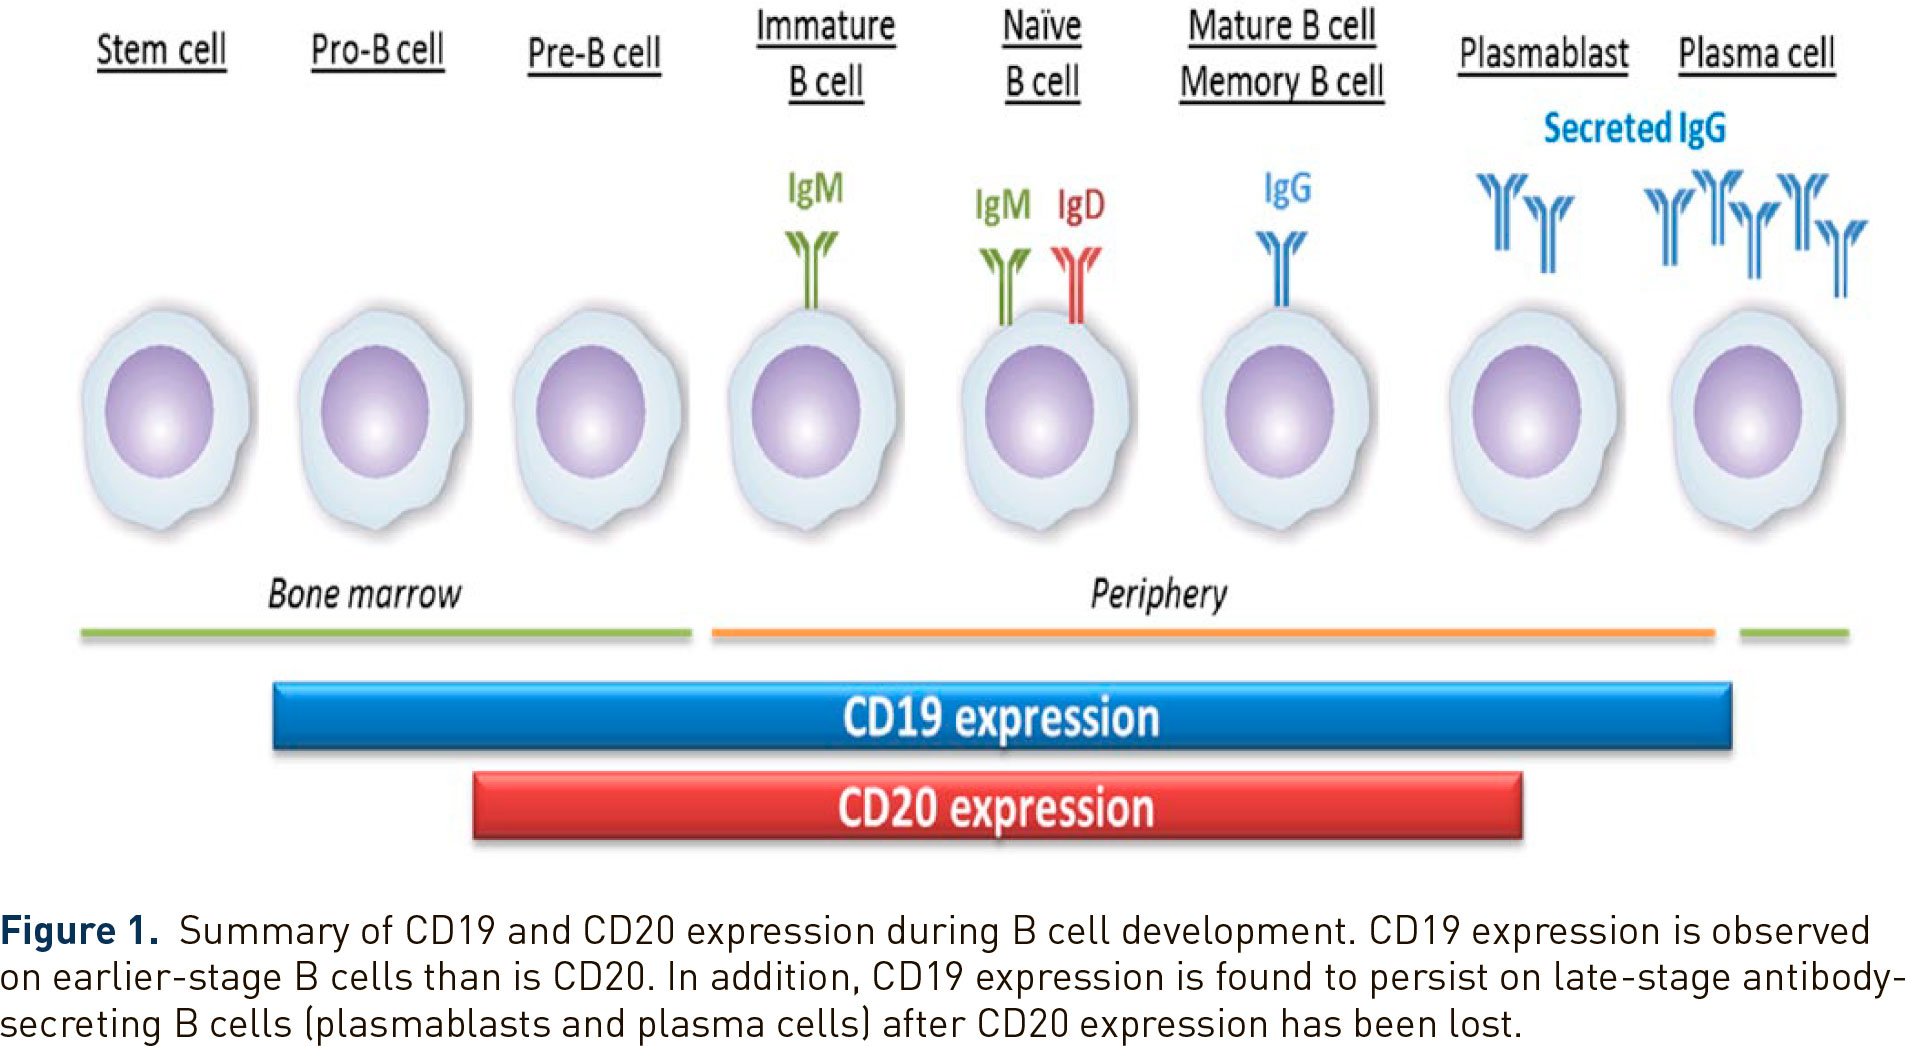 cd19 vs cd20 expression - «Аплизна»: новый препарат для лечения нейромиелита зрительного нерва со спектральным расстройством